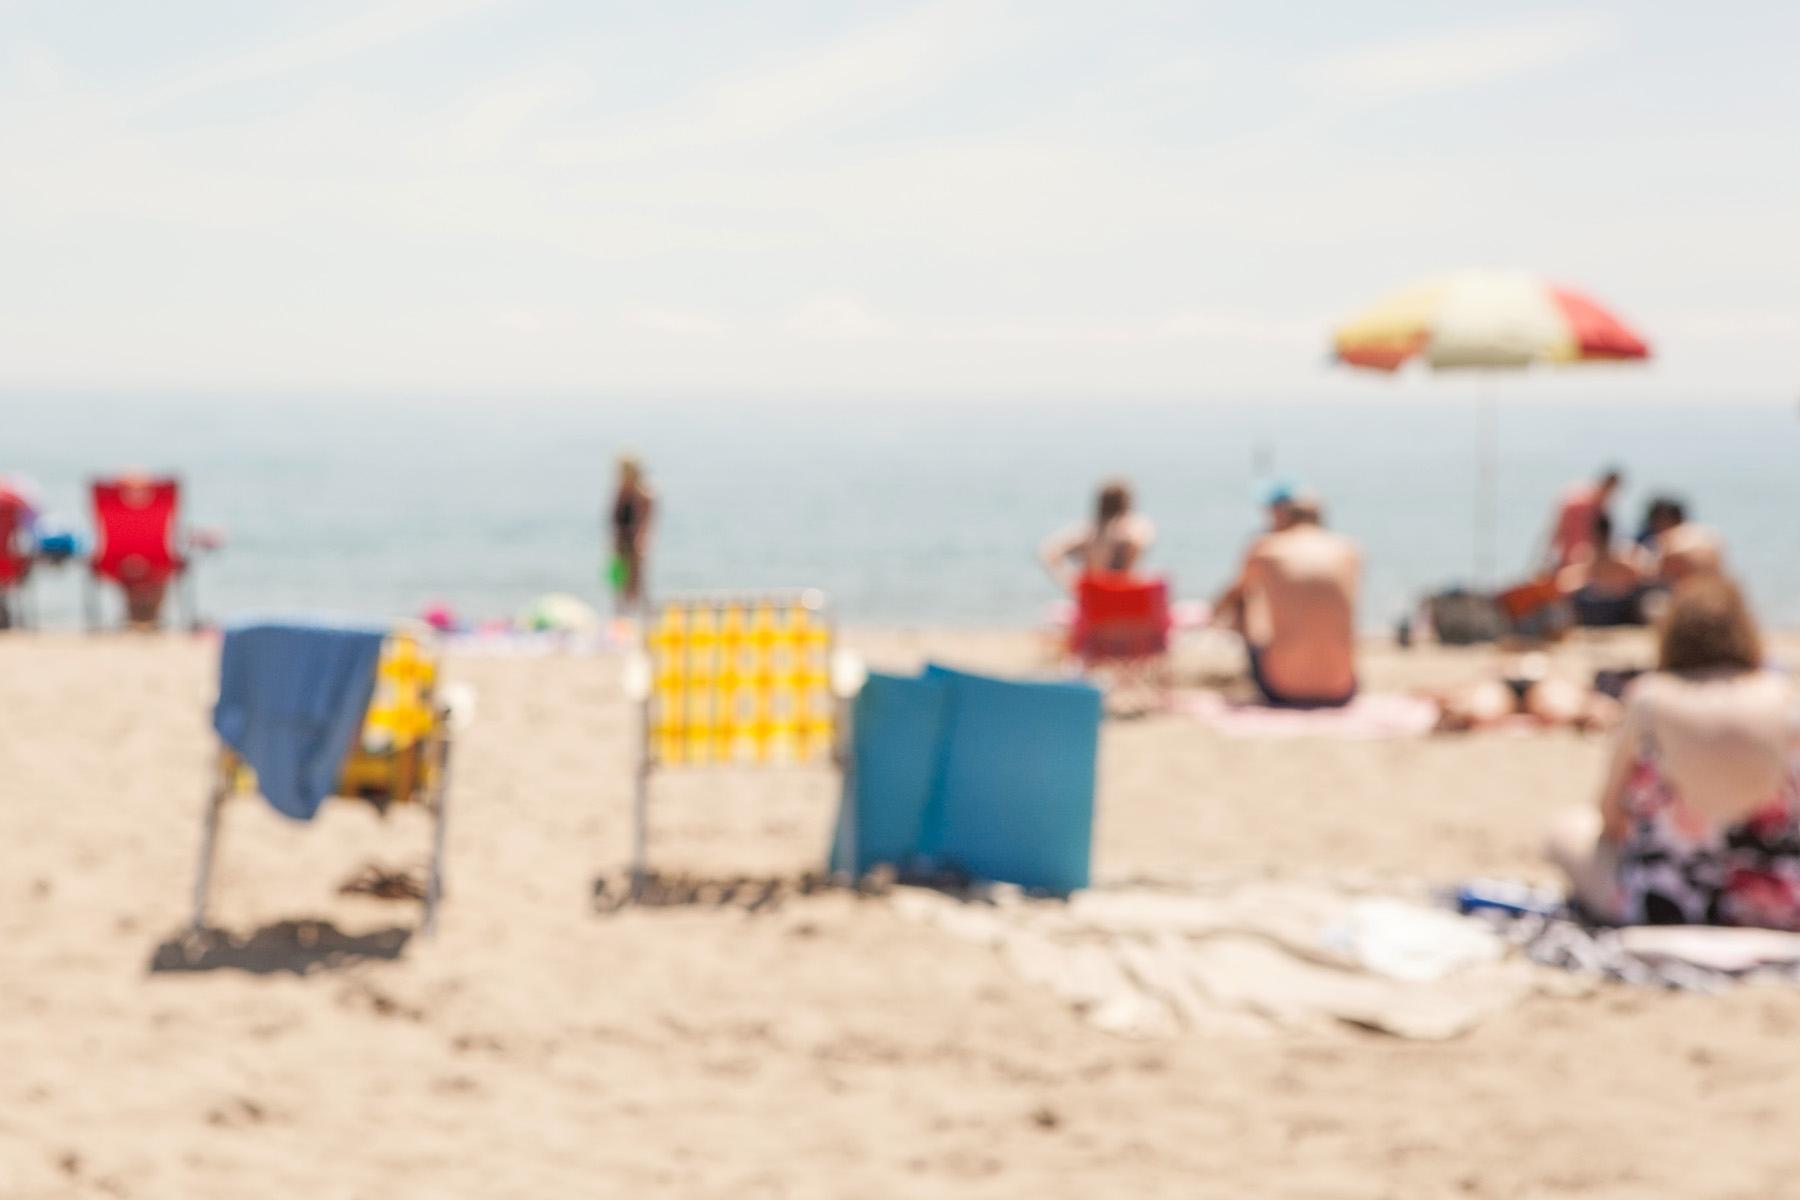 Endless Summer, June 25, 2017 by Michele  Crockett